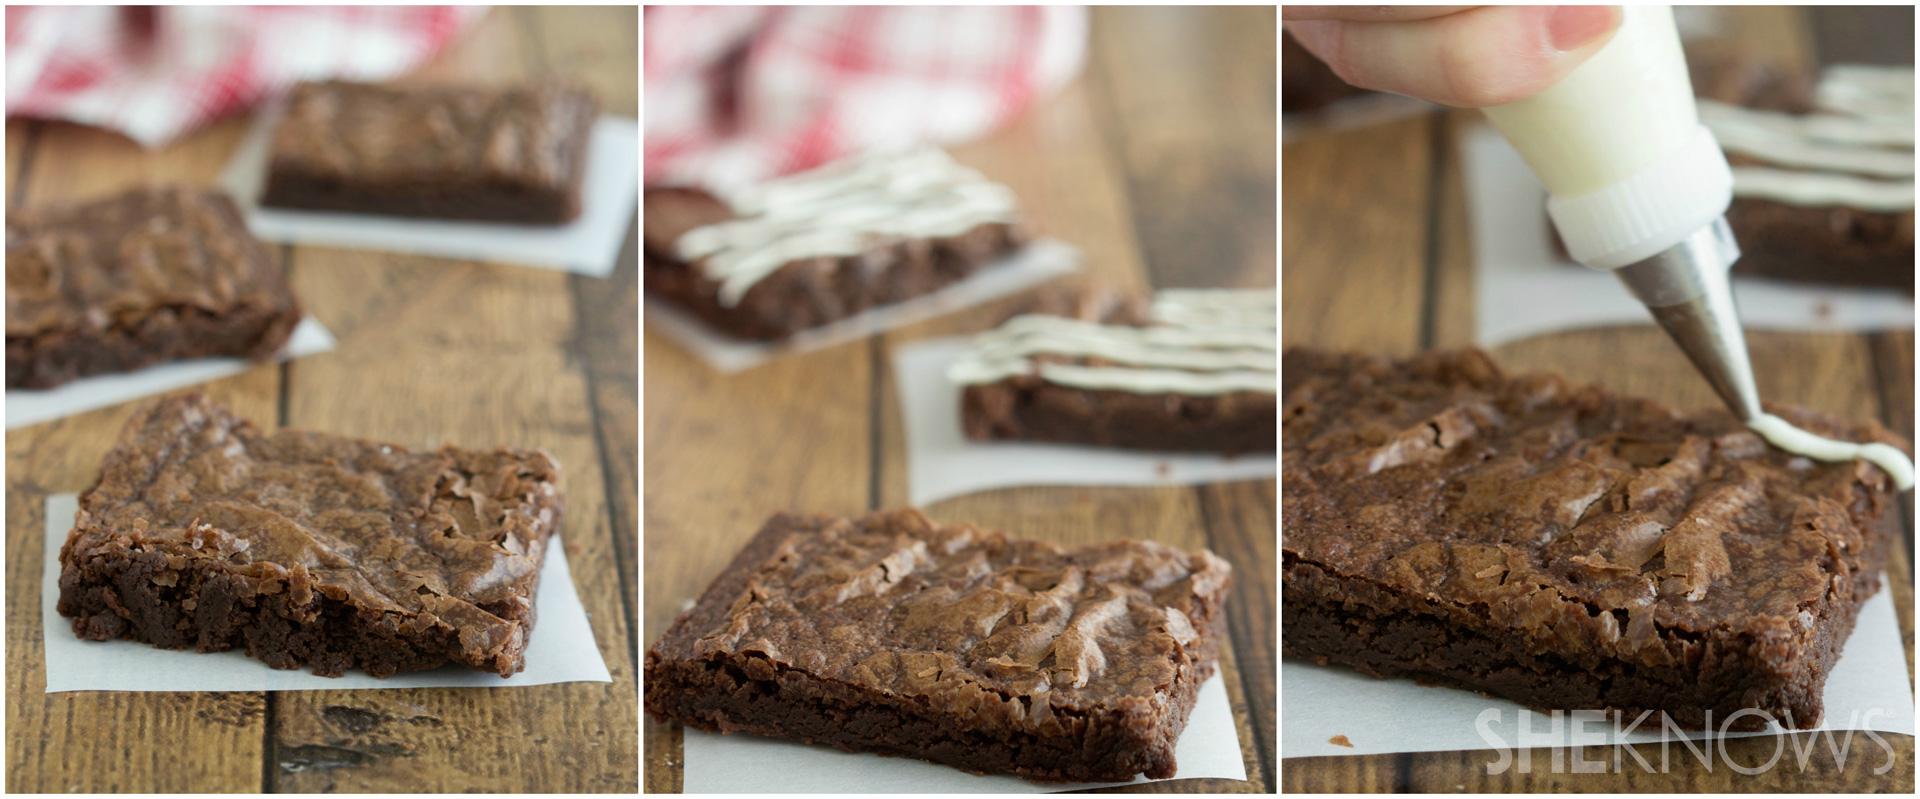 Flag brownie tarts